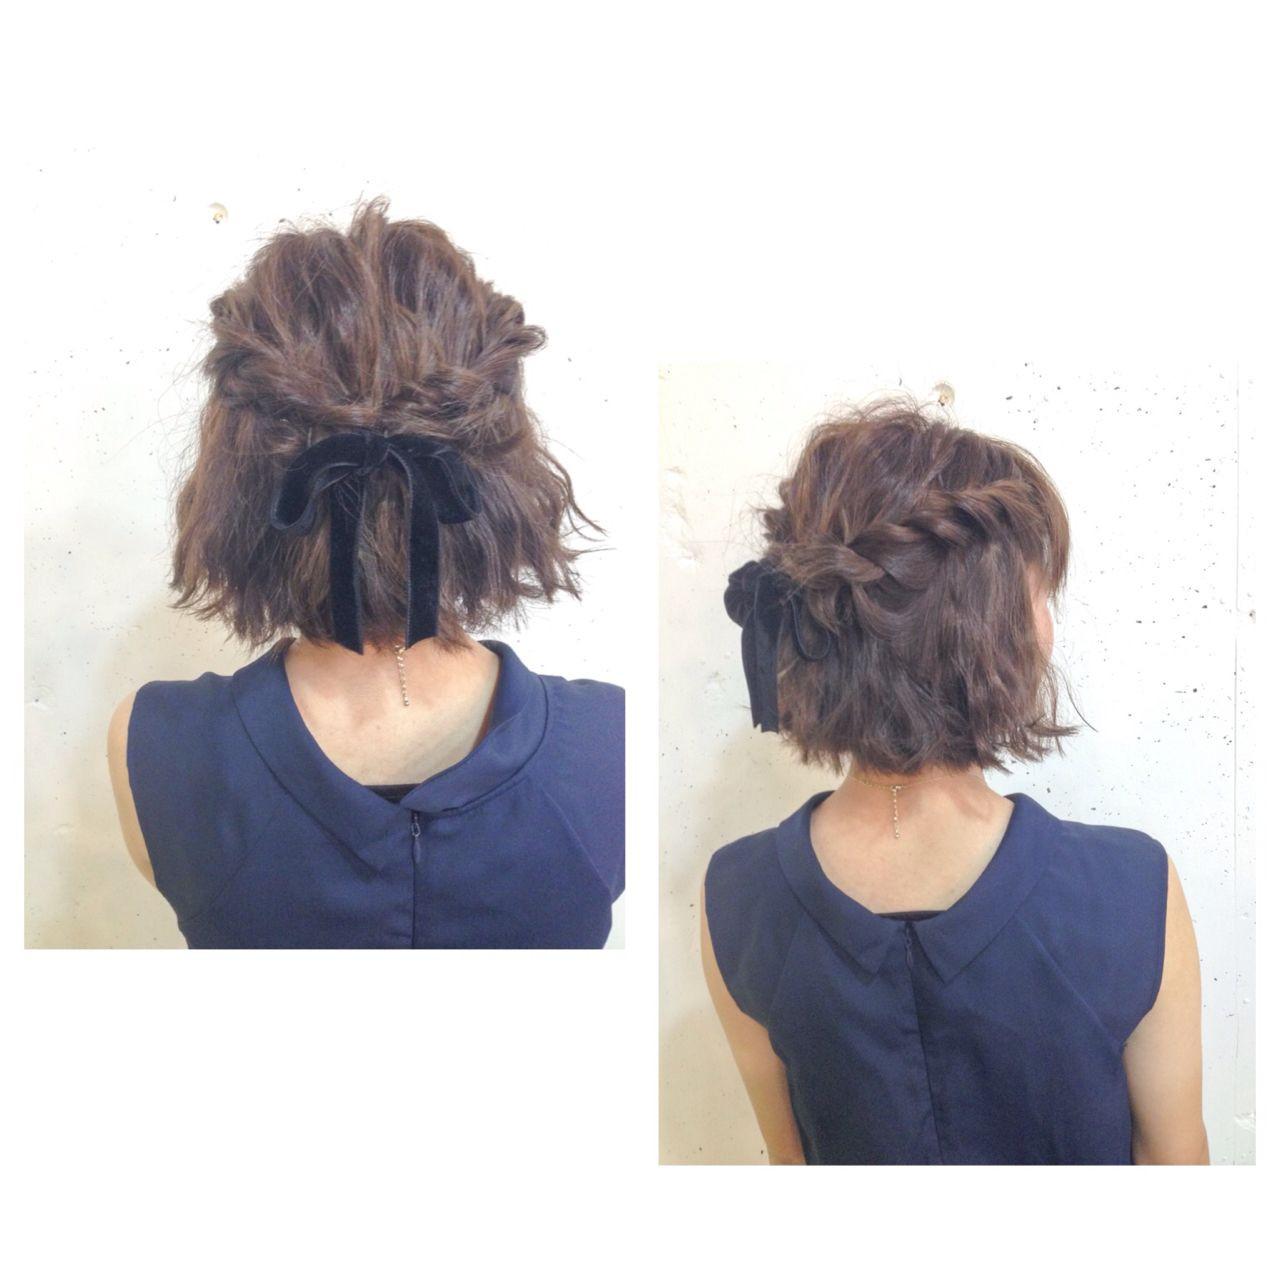 セルフで簡単!結婚式にしていきたい髪型アレンジを徹底解説 原木翔太 | sowi hair design